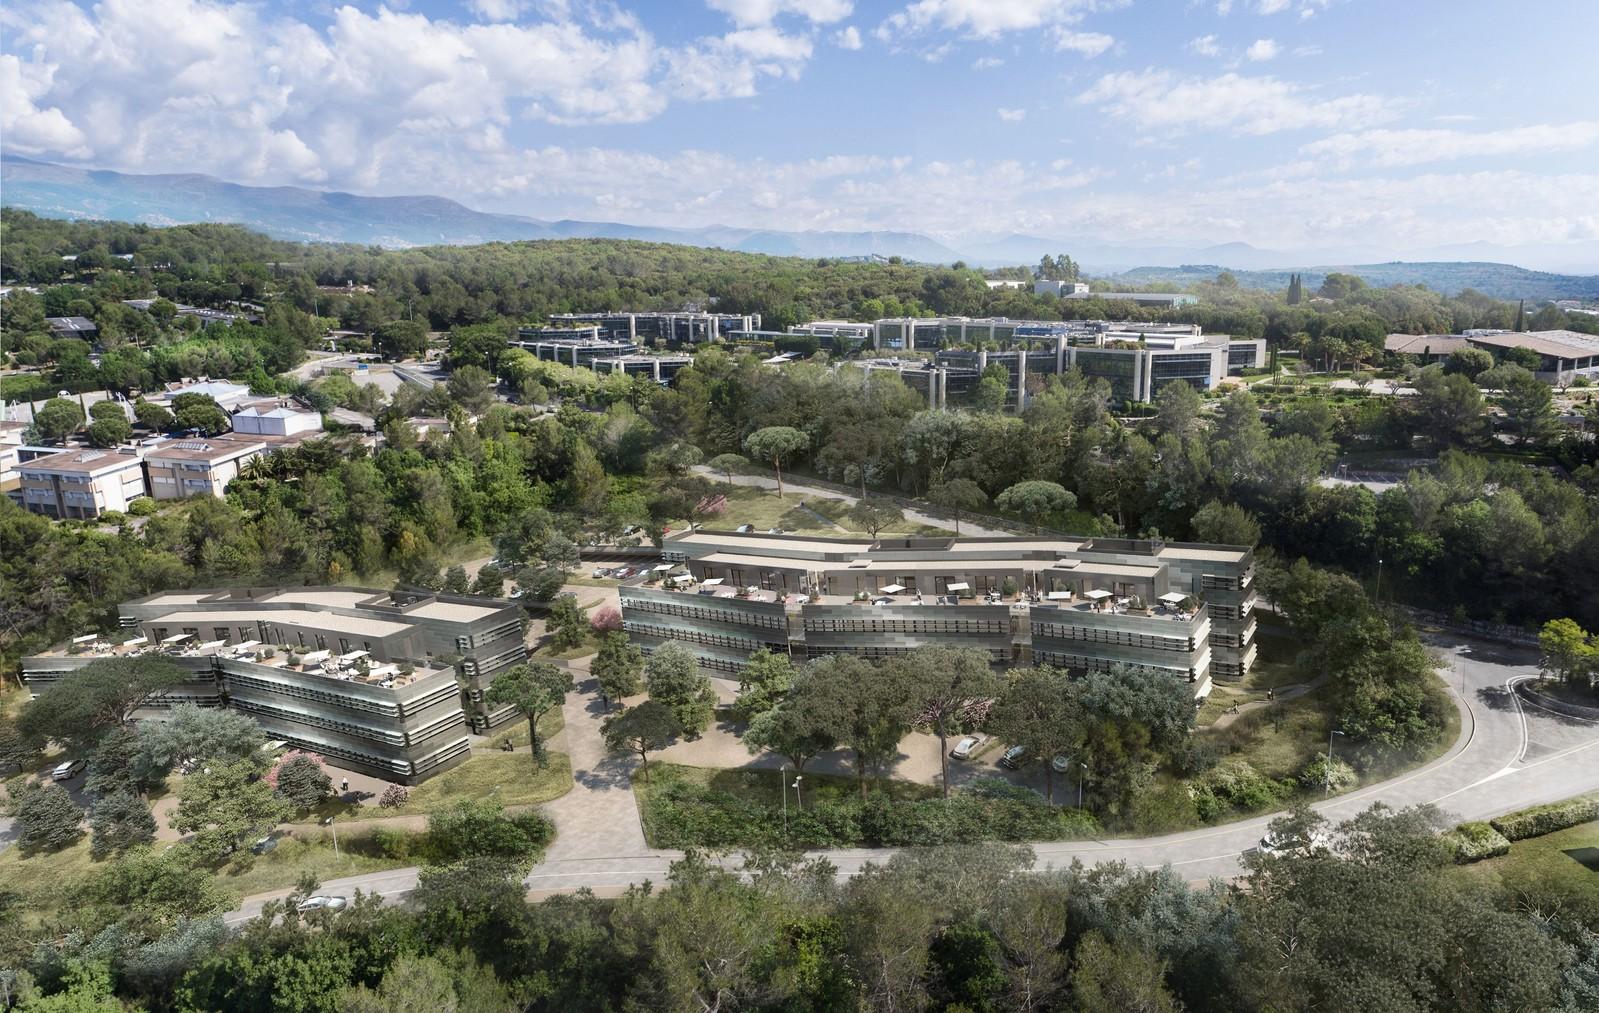 Immeuble de bureaux au cœur de SOPHIA ANTIPOLIS - Provence Alpes Côte d'azur